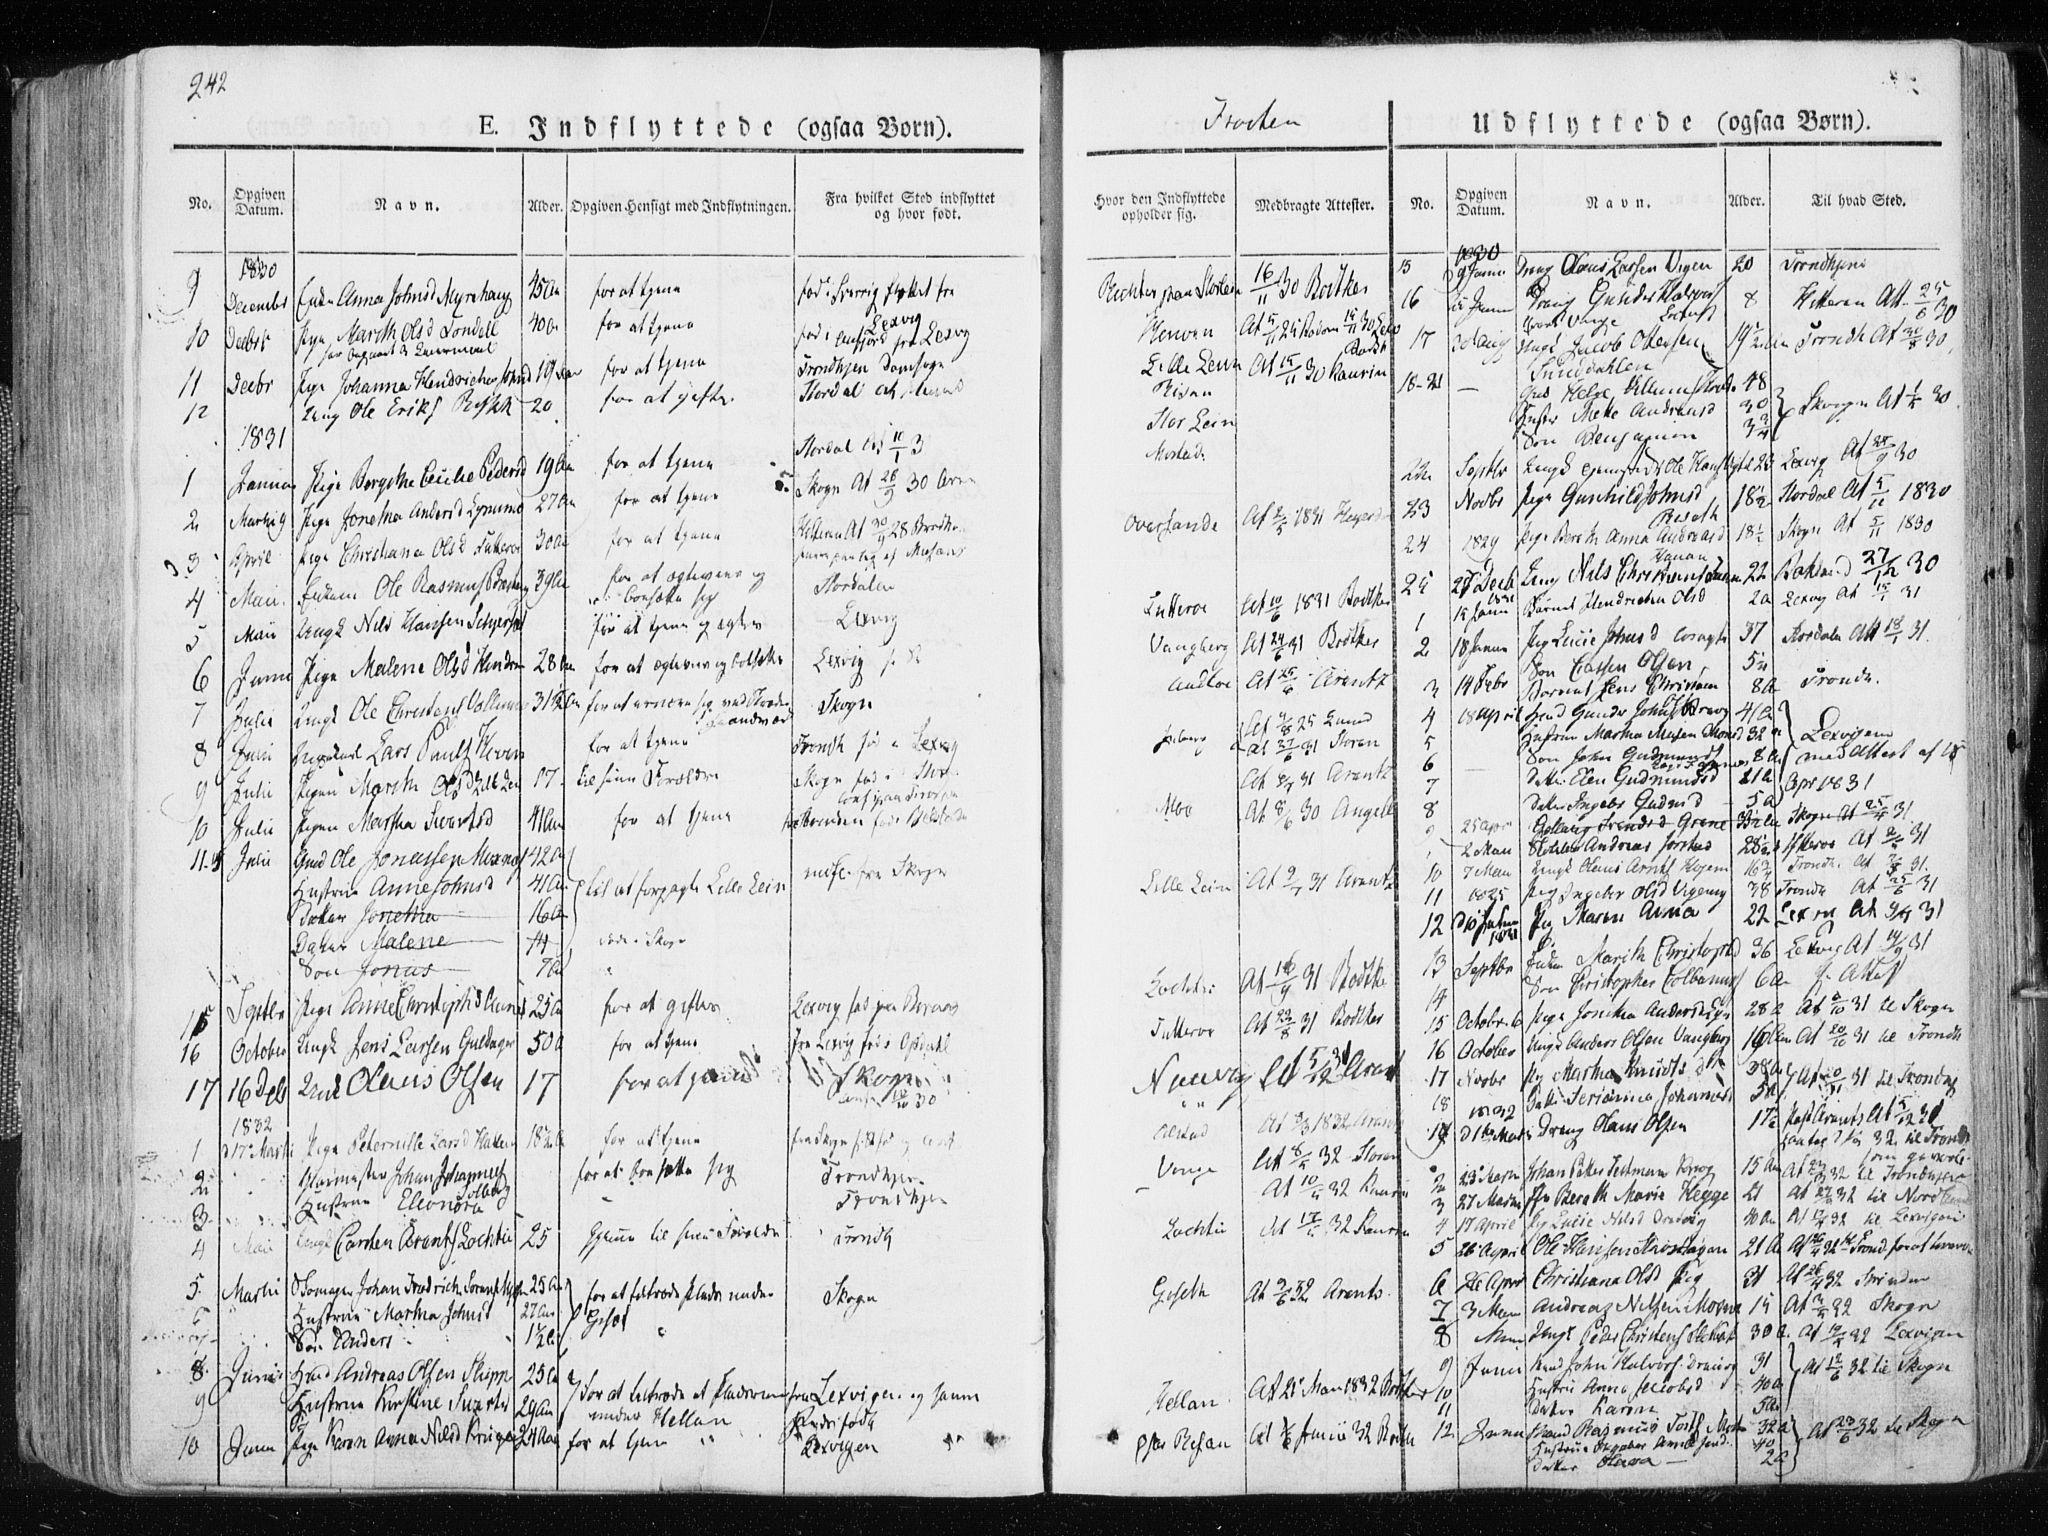 SAT, Ministerialprotokoller, klokkerbøker og fødselsregistre - Nord-Trøndelag, 713/L0114: Ministerialbok nr. 713A05, 1827-1839, s. 242